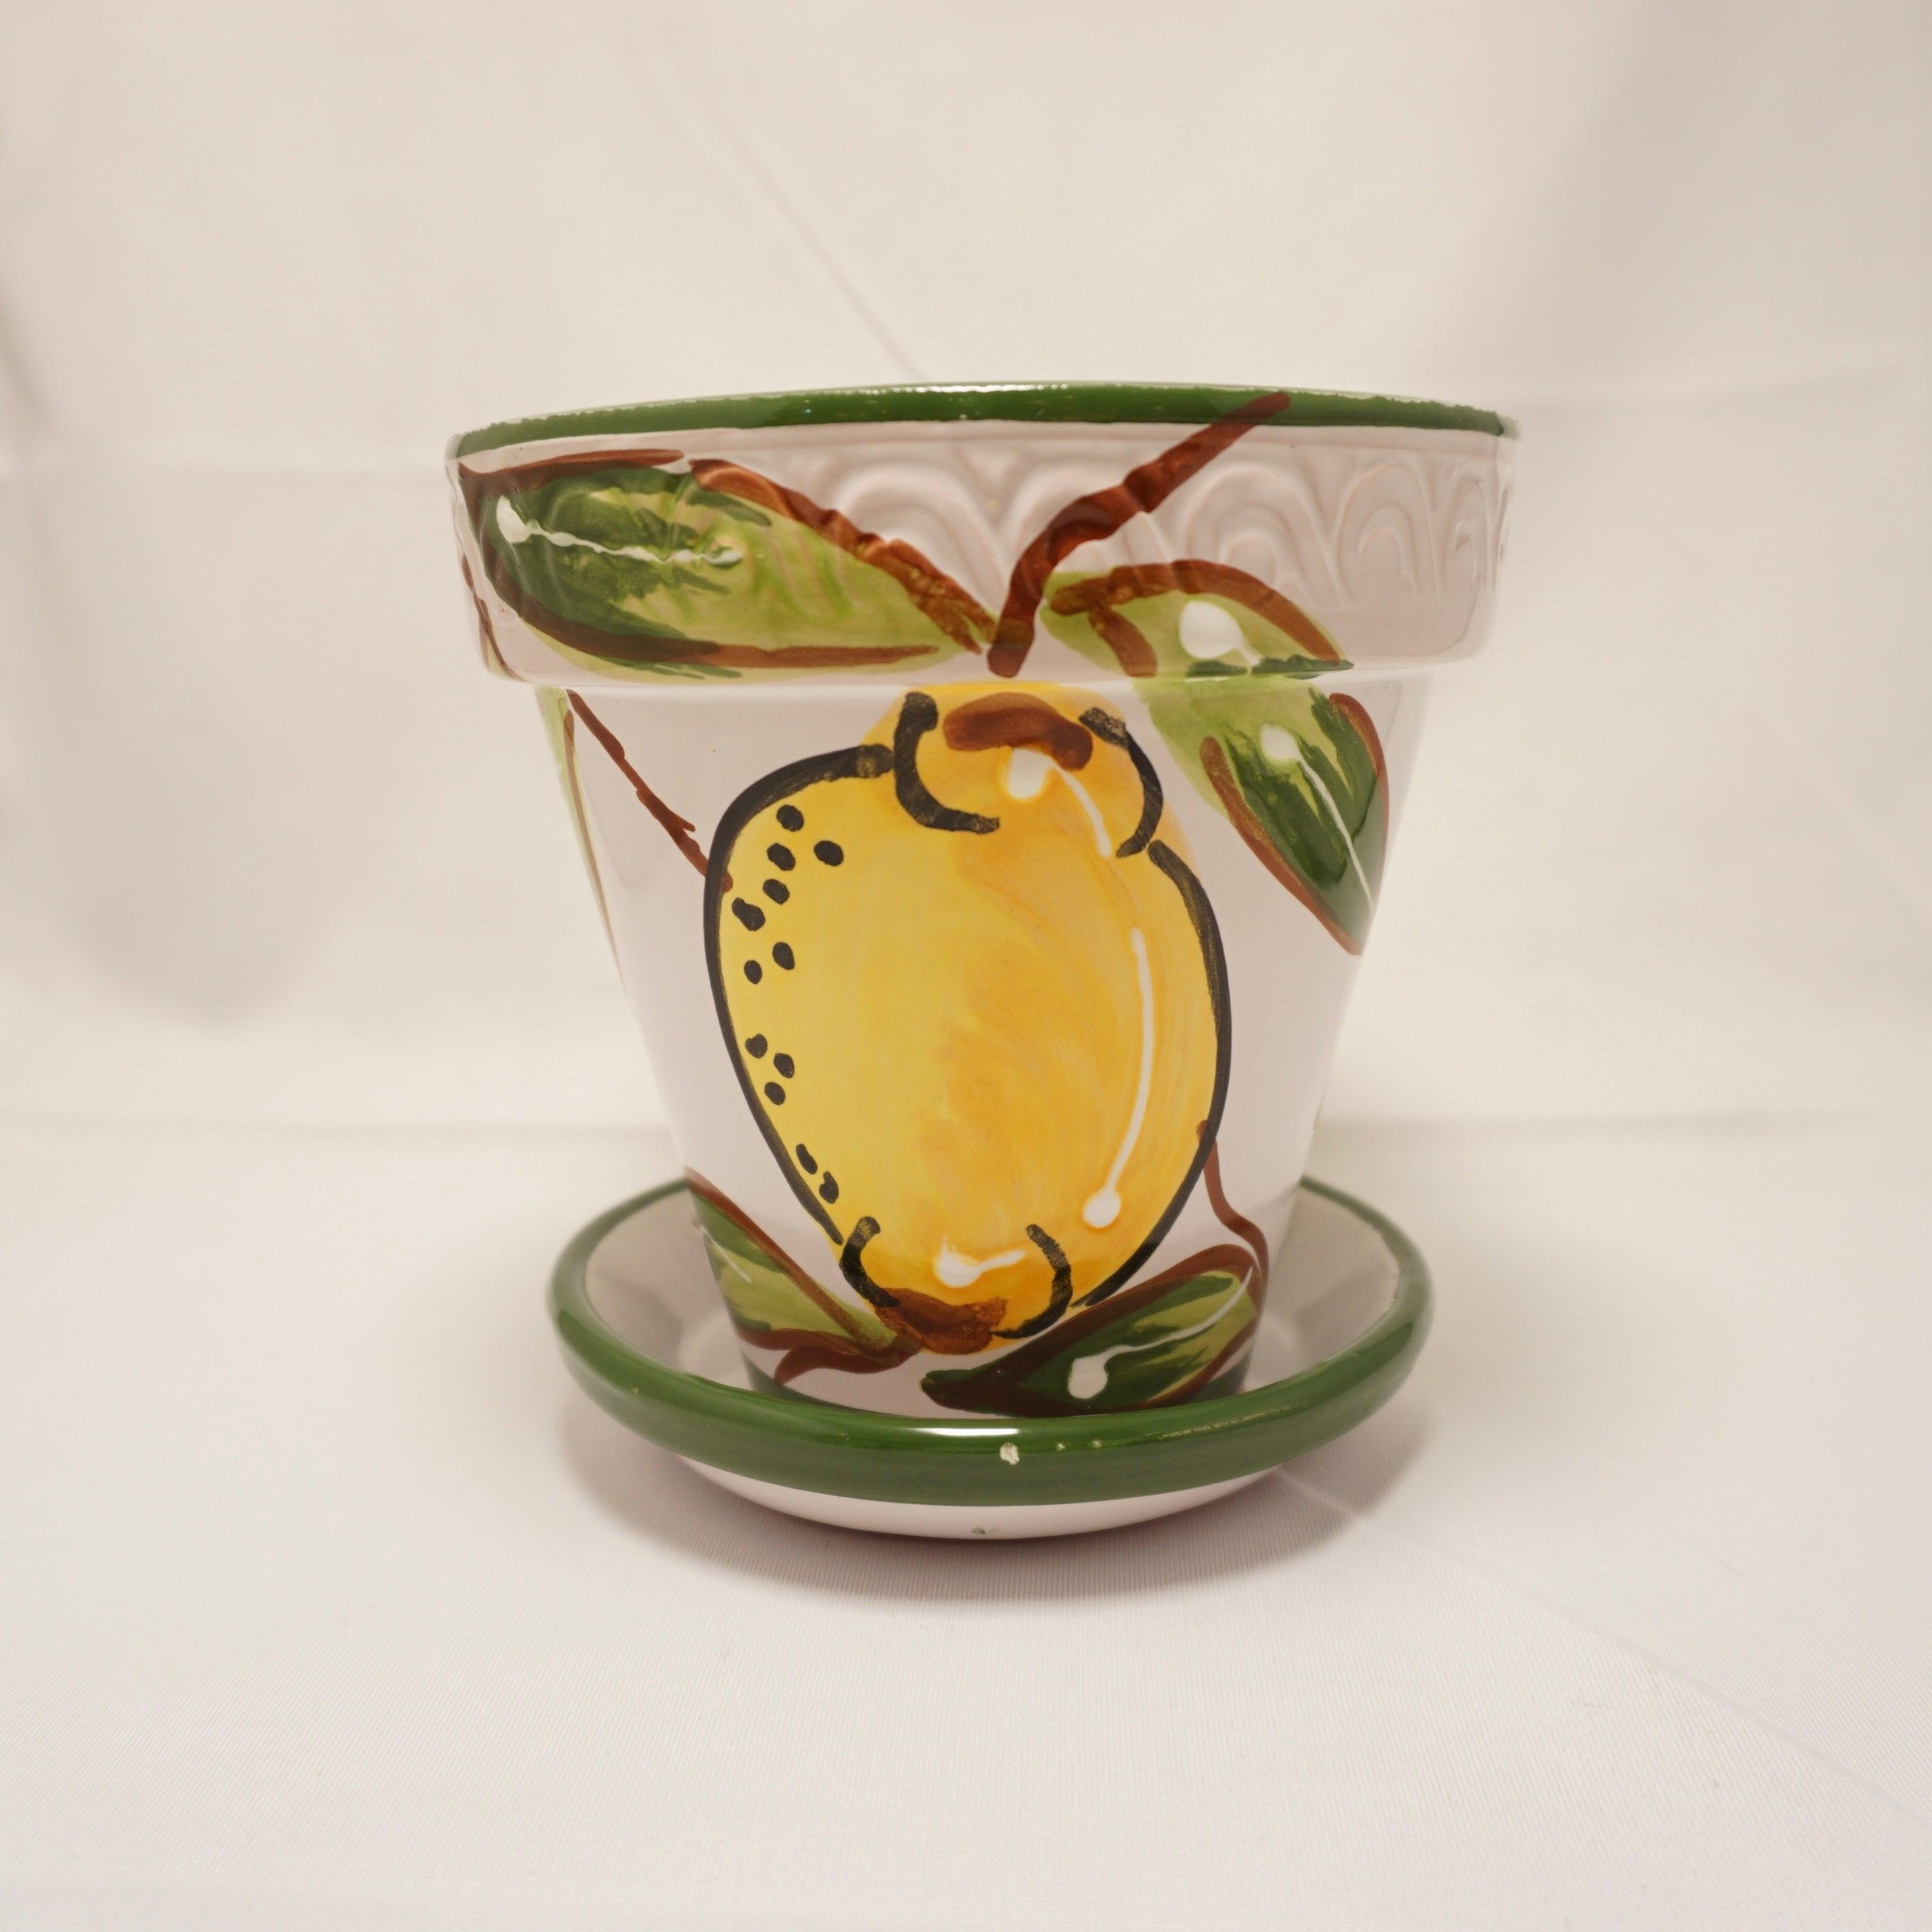 【スペイン陶器】4号プランター(レモン)